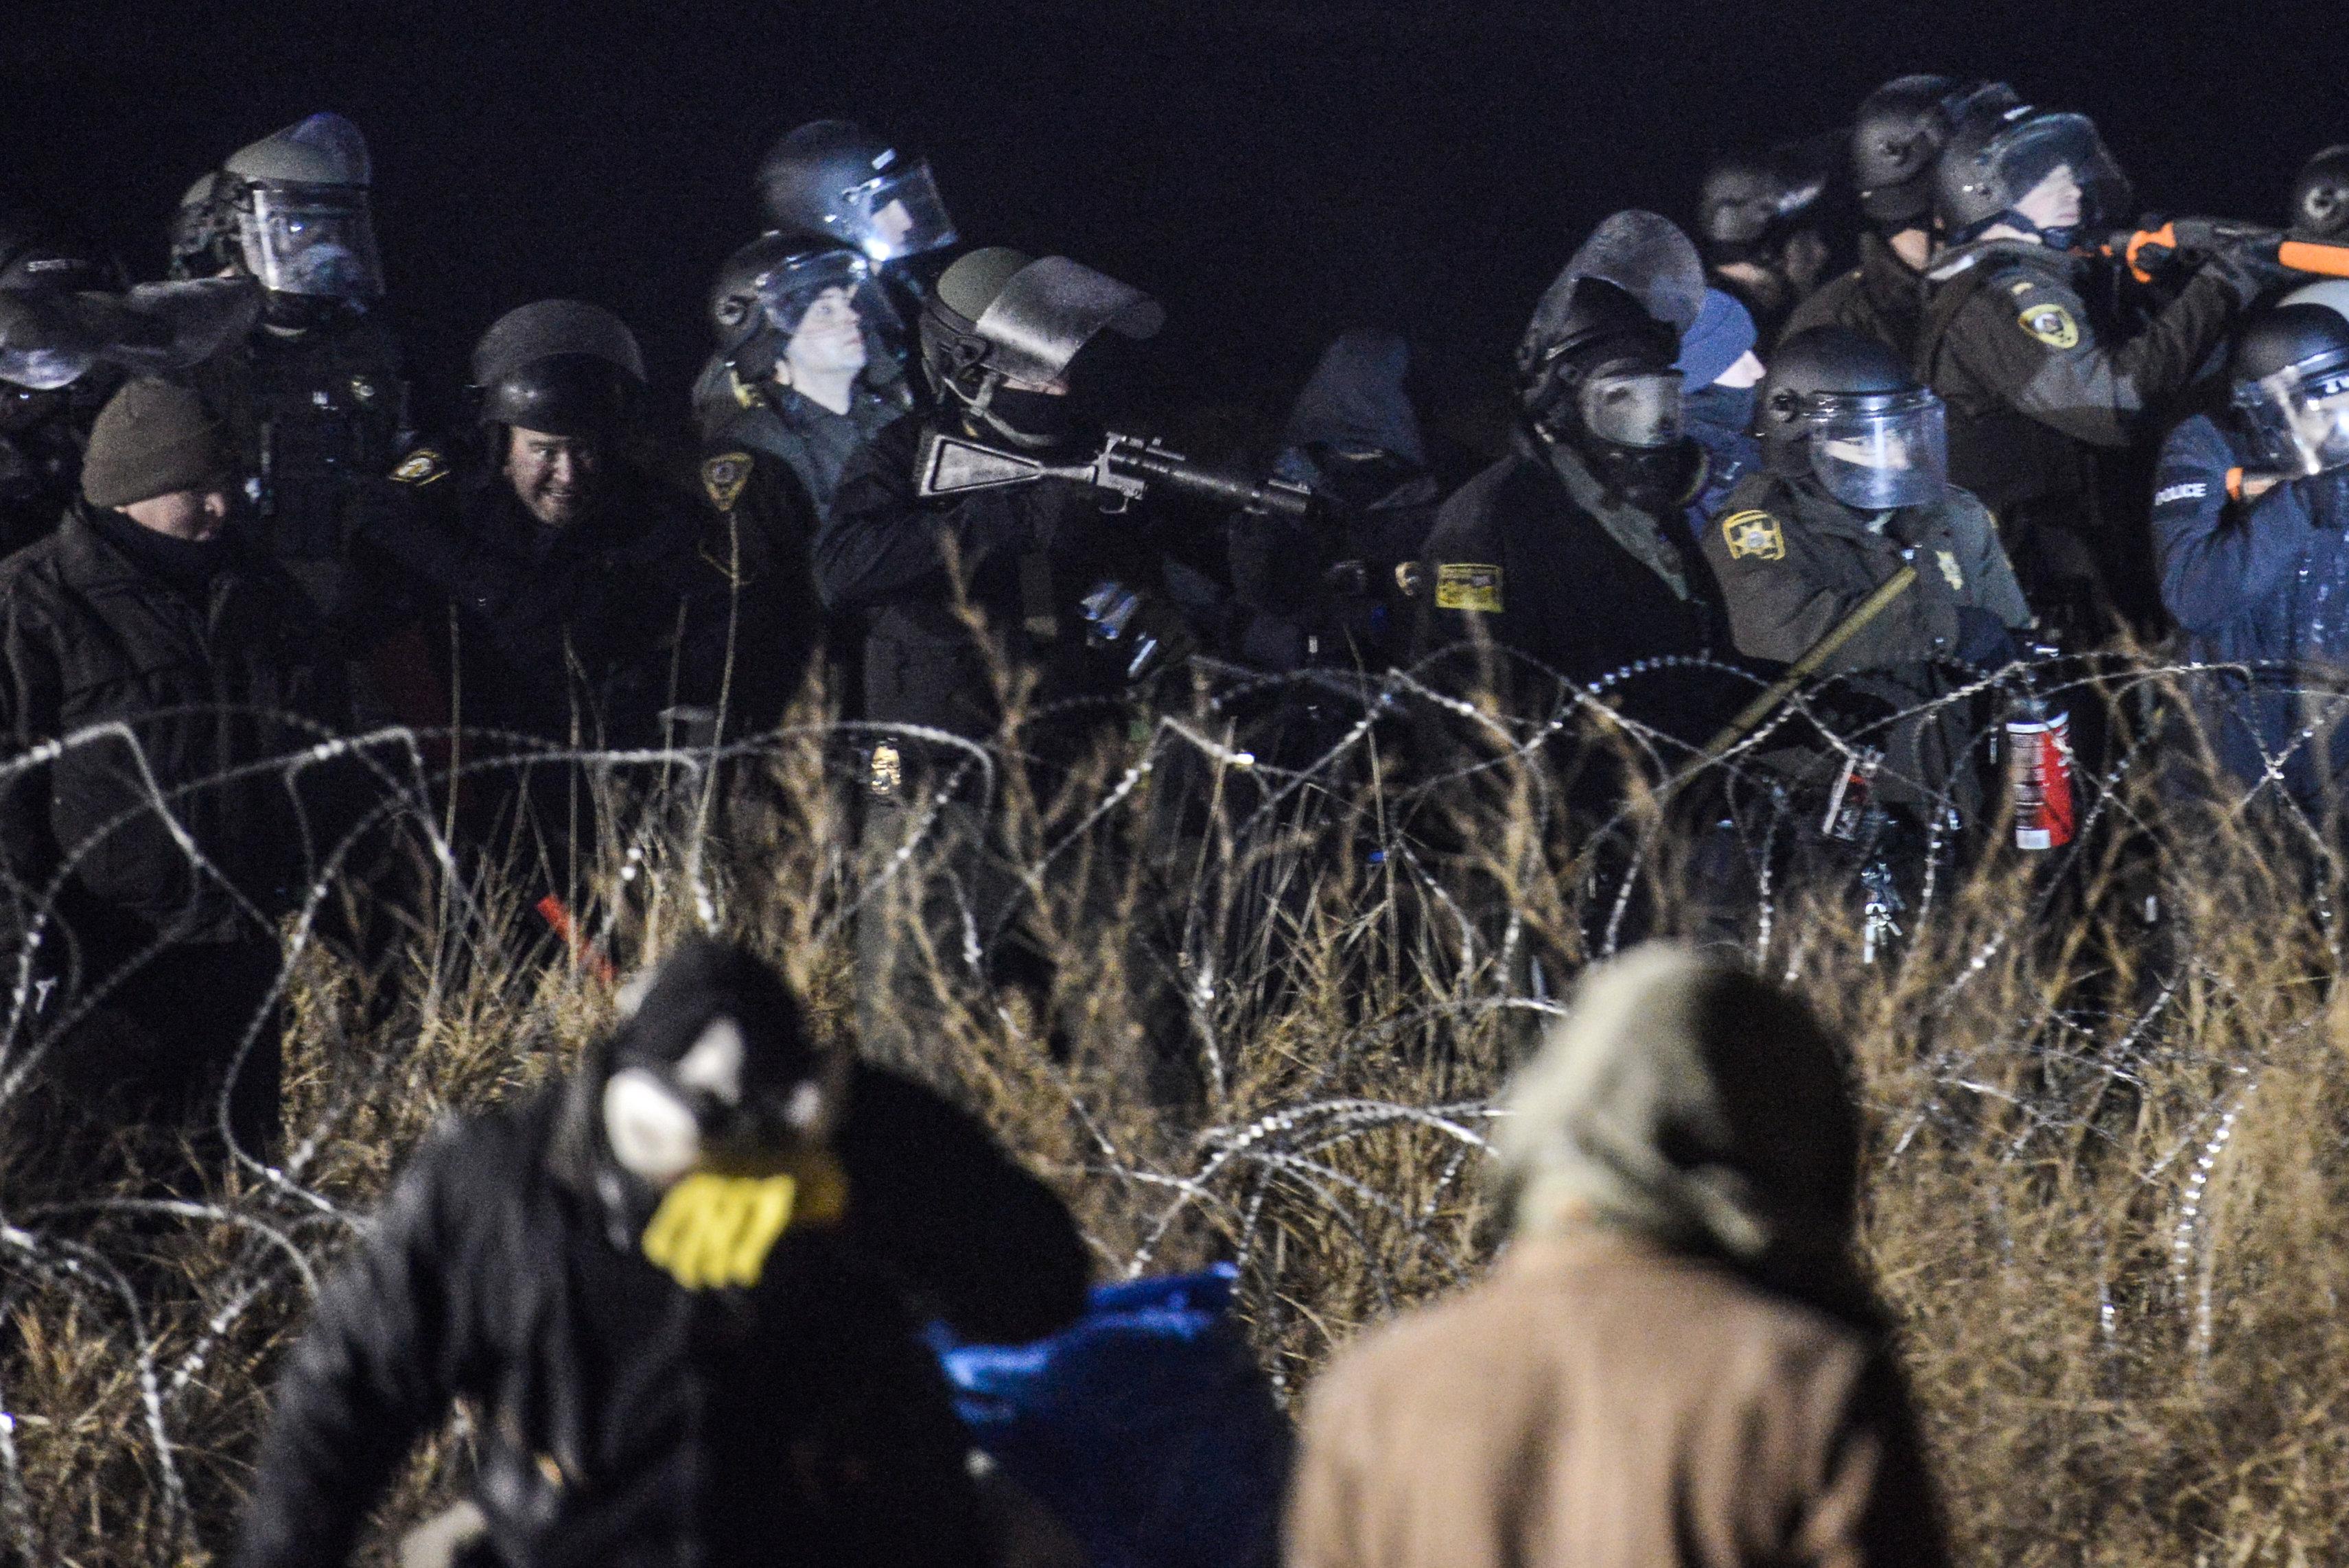 Kuzey Dakota'da boru hattı protestoları devam ediyor